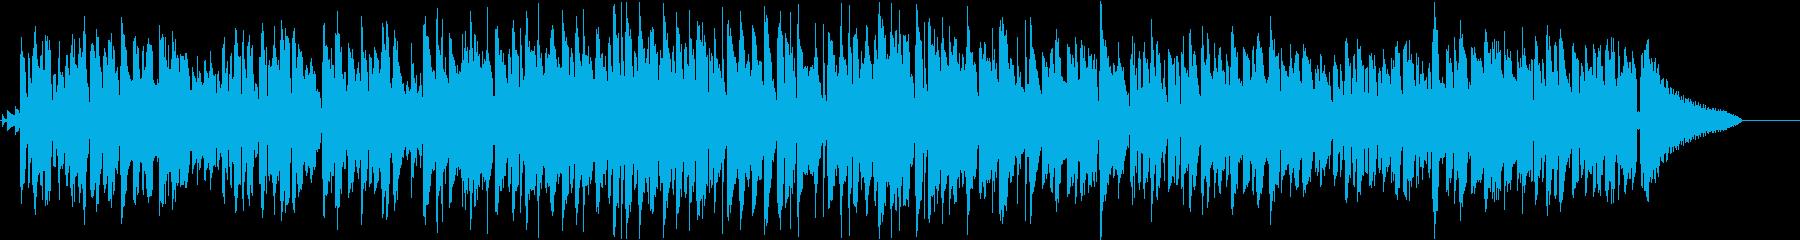 暖かい映像に合うゆったりした曲の再生済みの波形